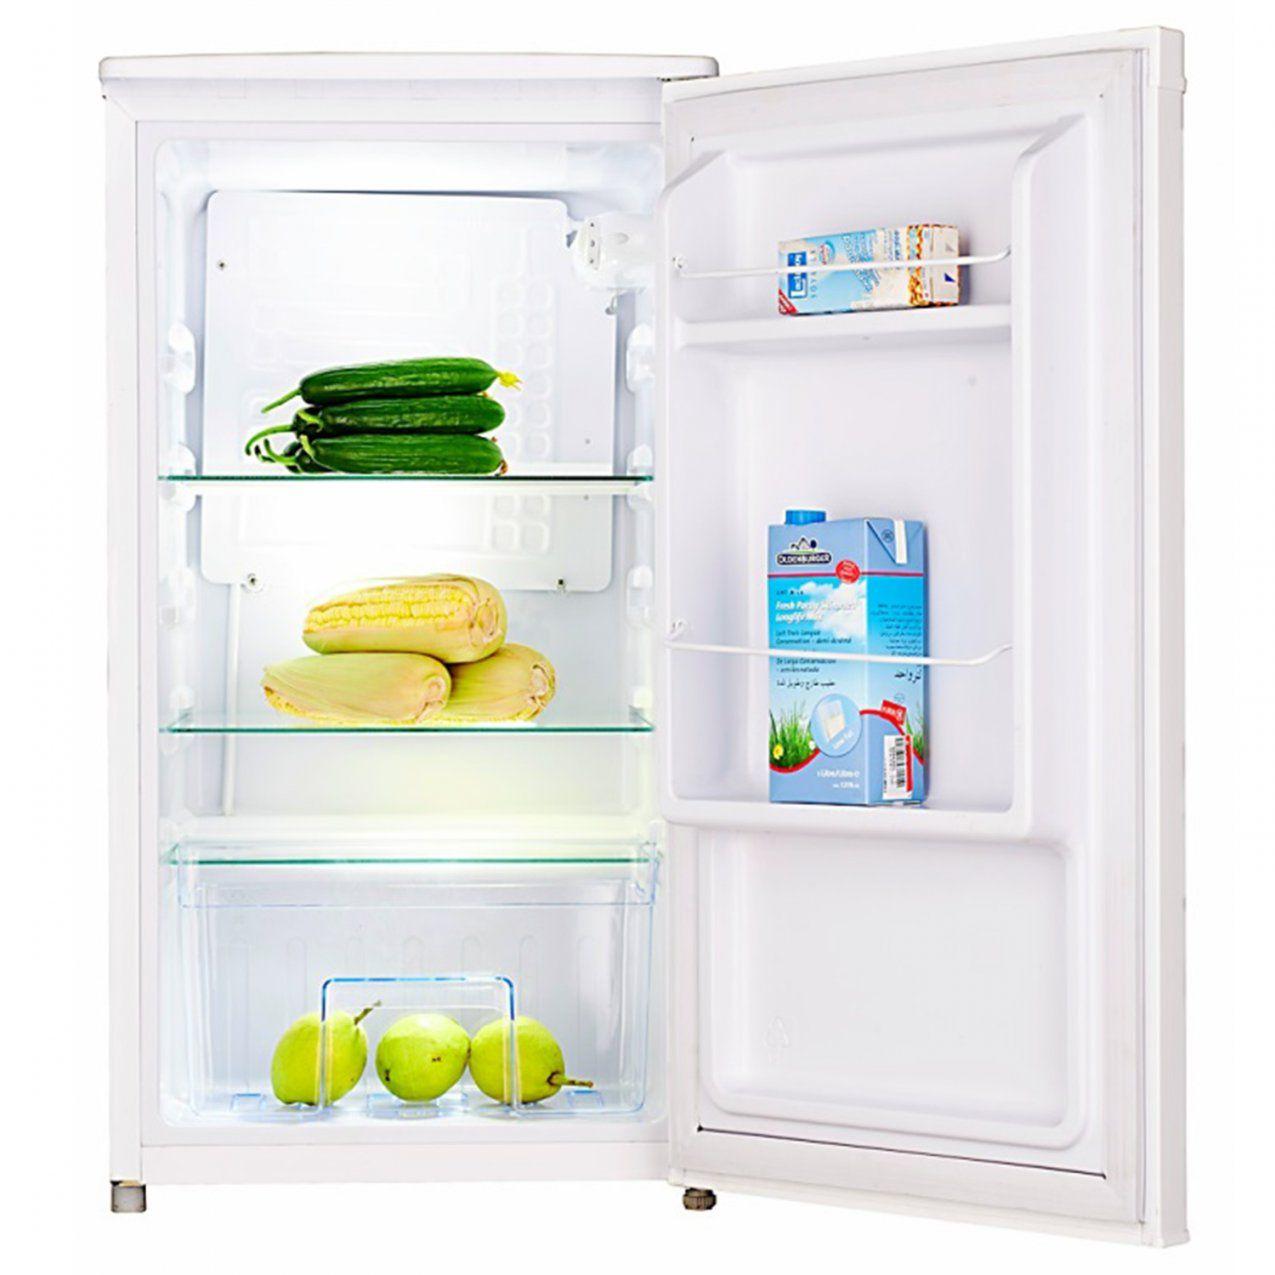 Kühlschrank 40 Cm Breit von Kühlschrank 100 Cm Breit Photo